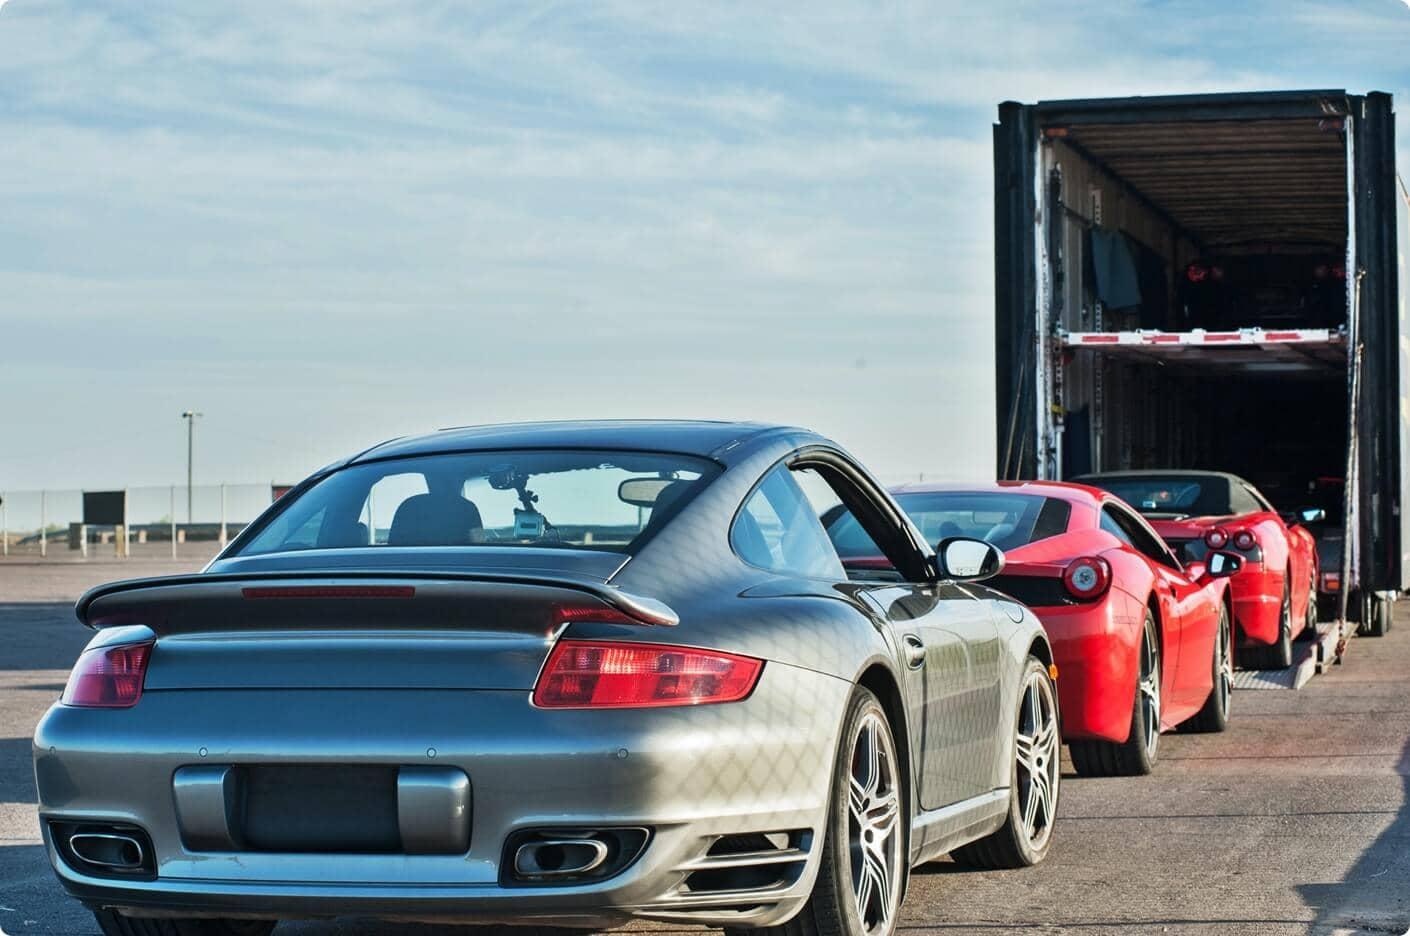 Enclosed car transport prices